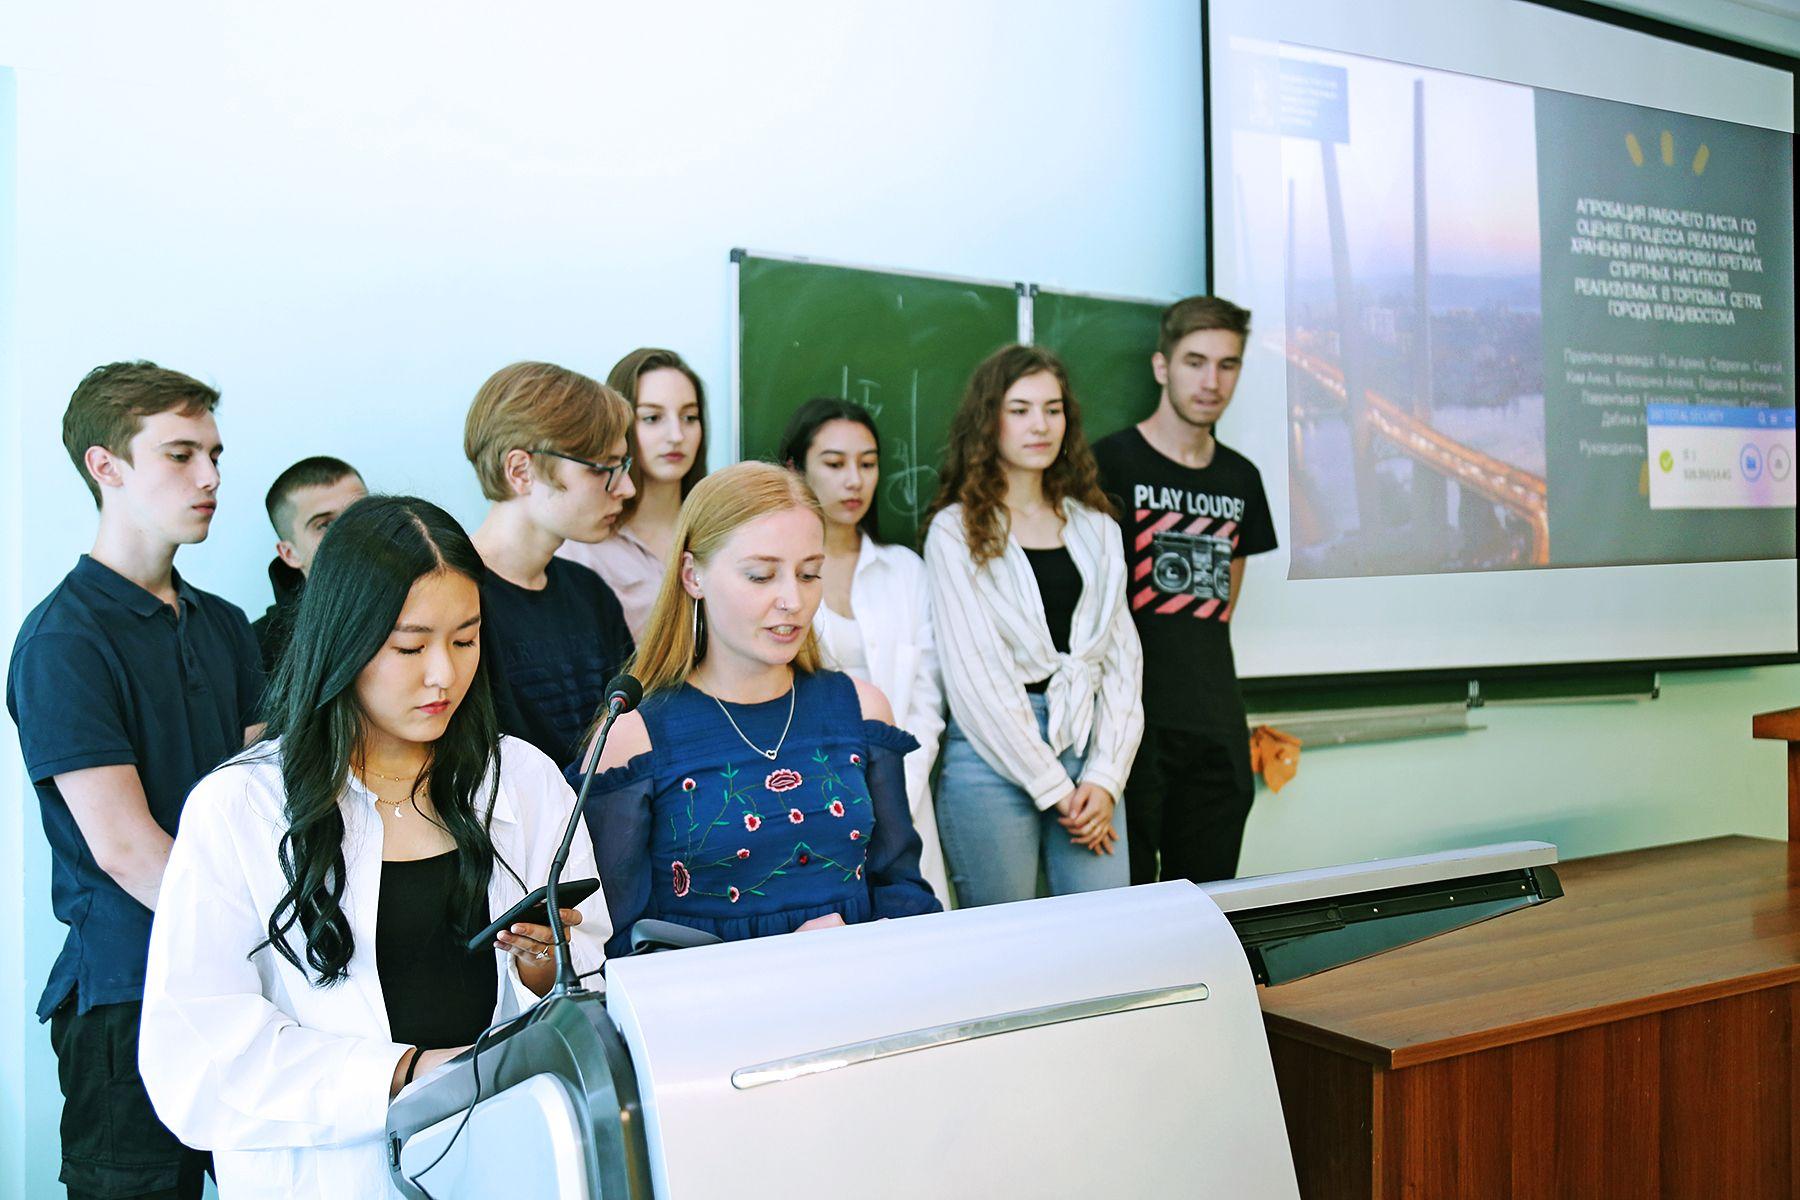 Достижения кафедры международного маркетинга и торговли ВГУЭС за учебный год: более 70-ти опубликованных научных исследований студентов и преподавателей